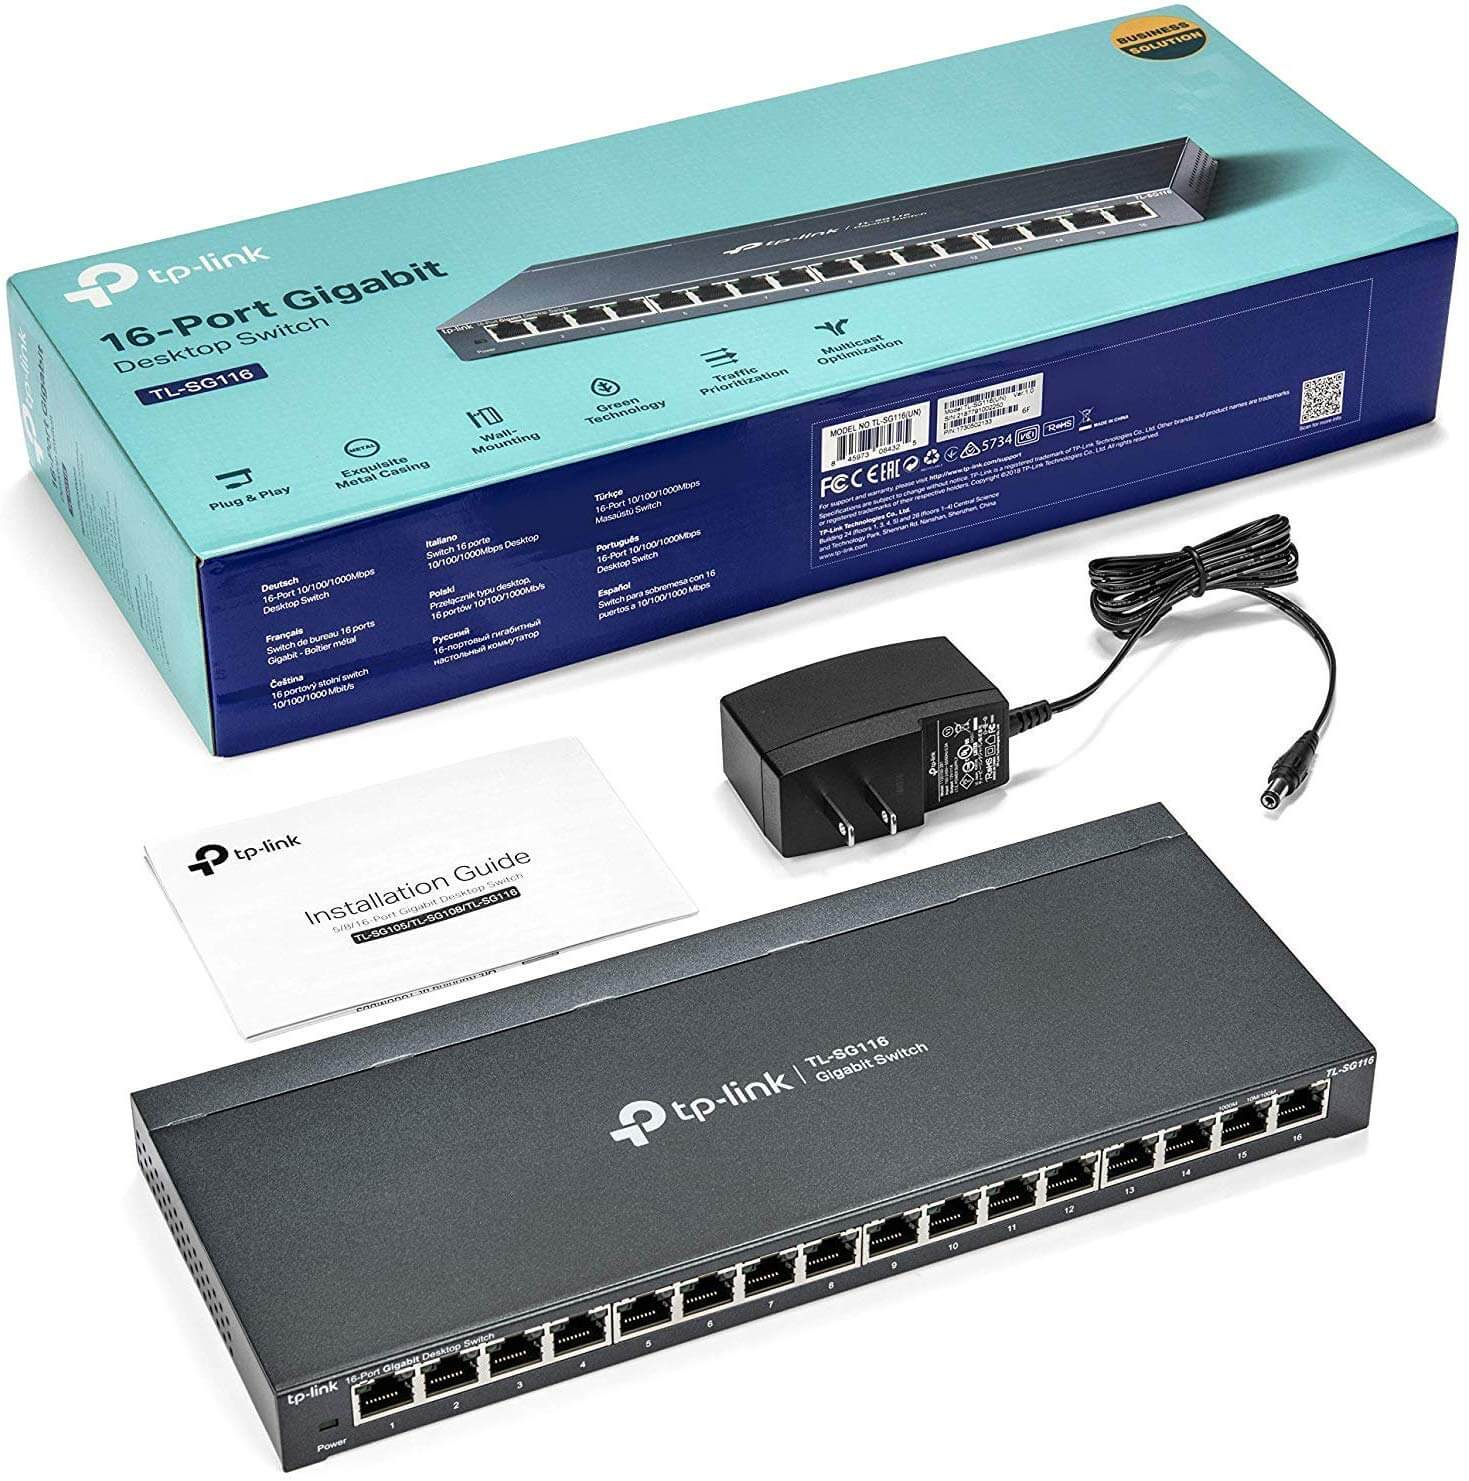 TP-Link 16 Port Gigabit Switch